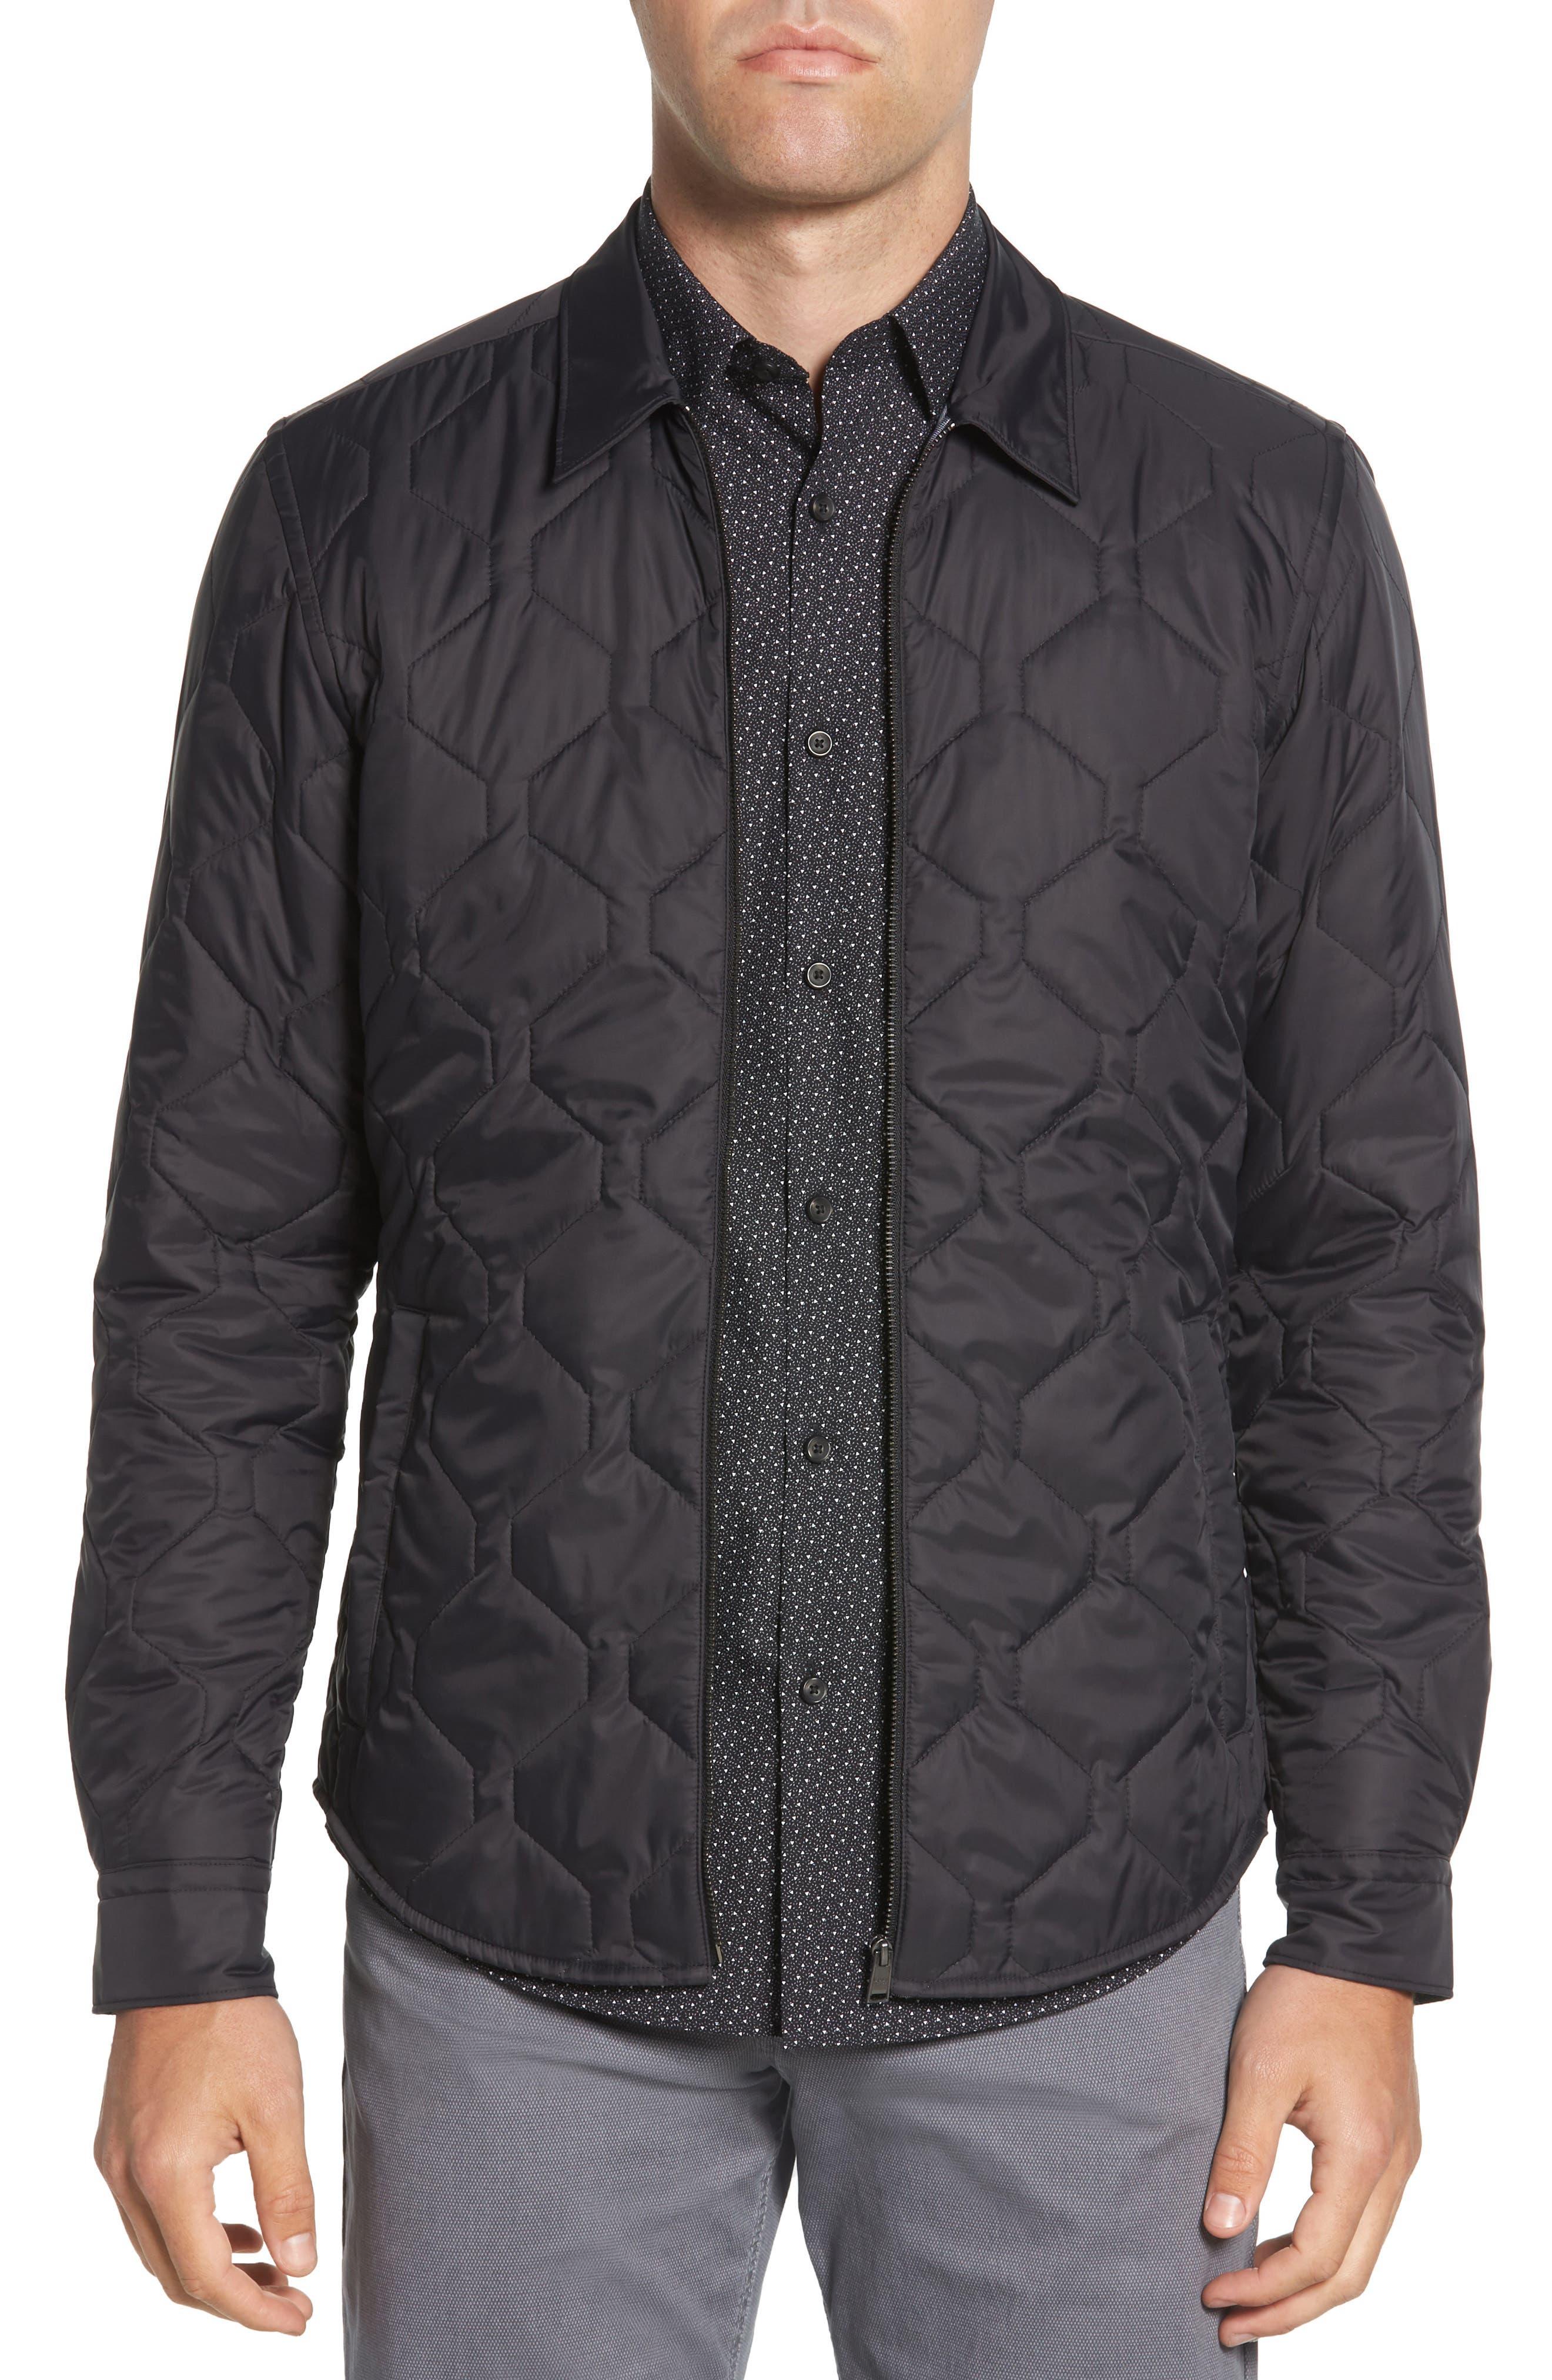 Landolfo Regular Fit Quilted Jacket,                         Main,                         color, Black